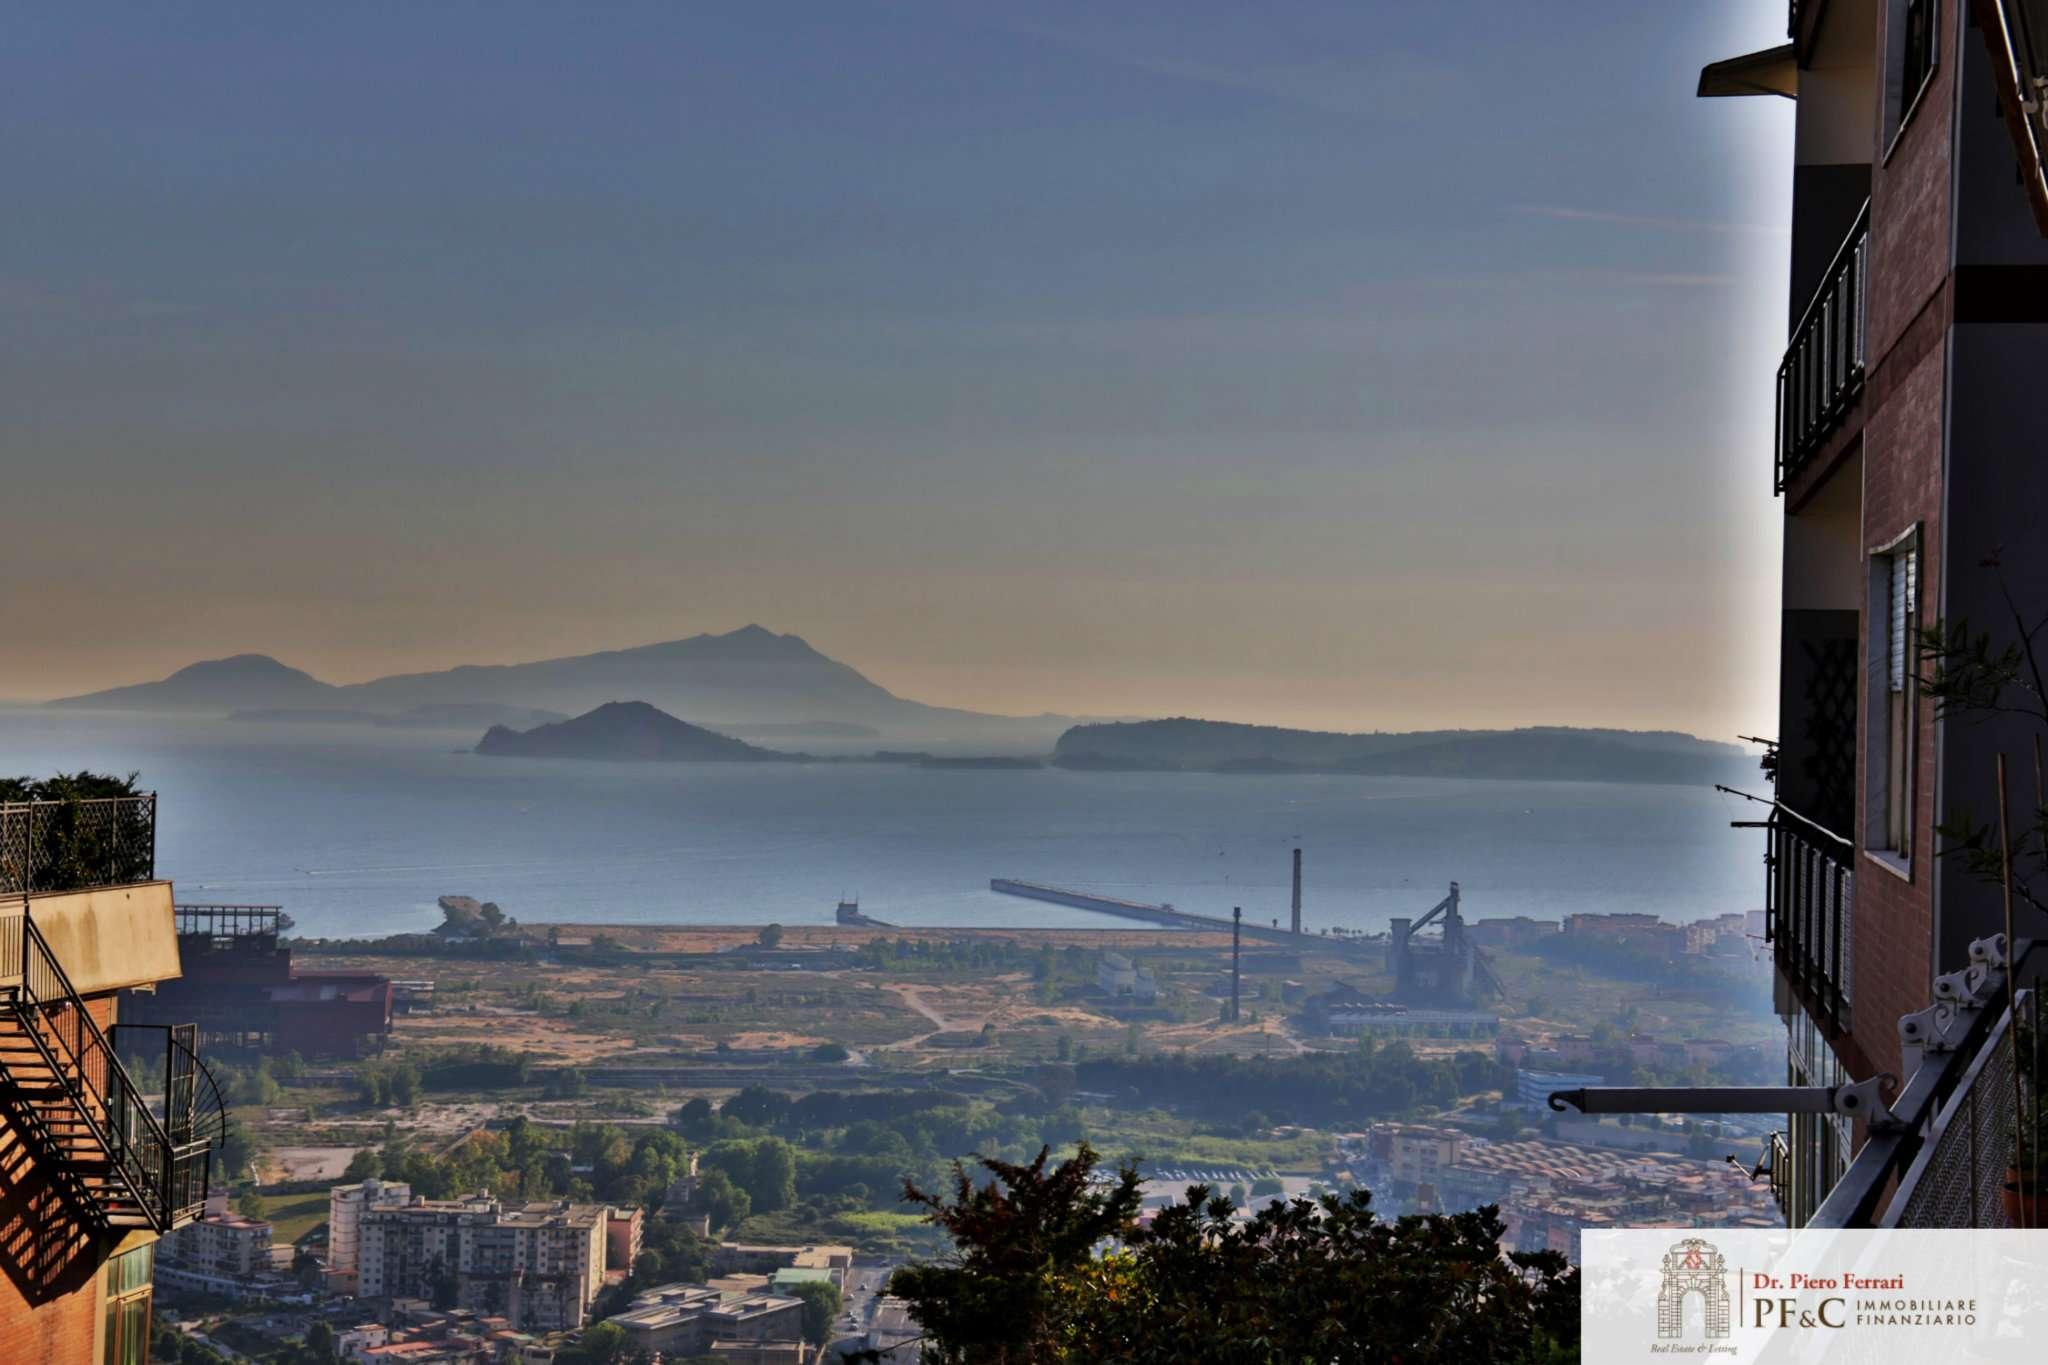 Appartamento in vendita a Napoli, 9999 locali, zona Zona: 1 . Chiaia, Posillipo, San Ferdinando, prezzo € 840.000   CambioCasa.it